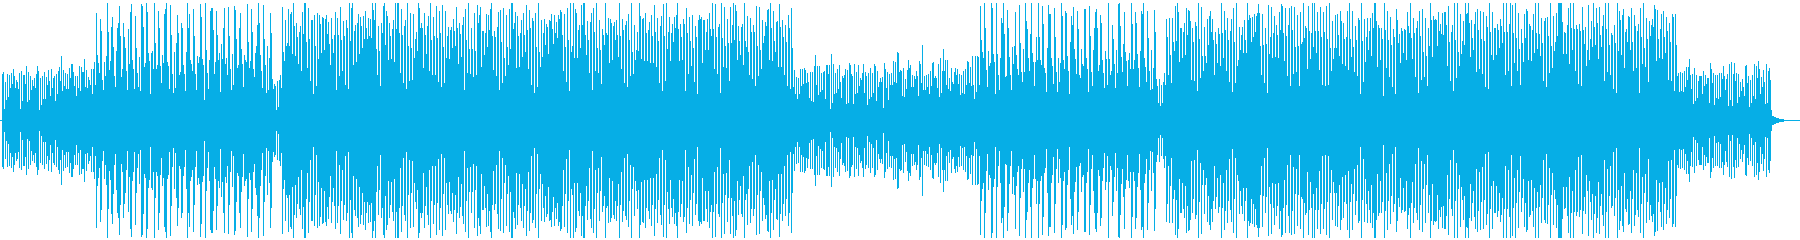 シンセの無機質で緊張感のある4つ打ちの再生済みの波形